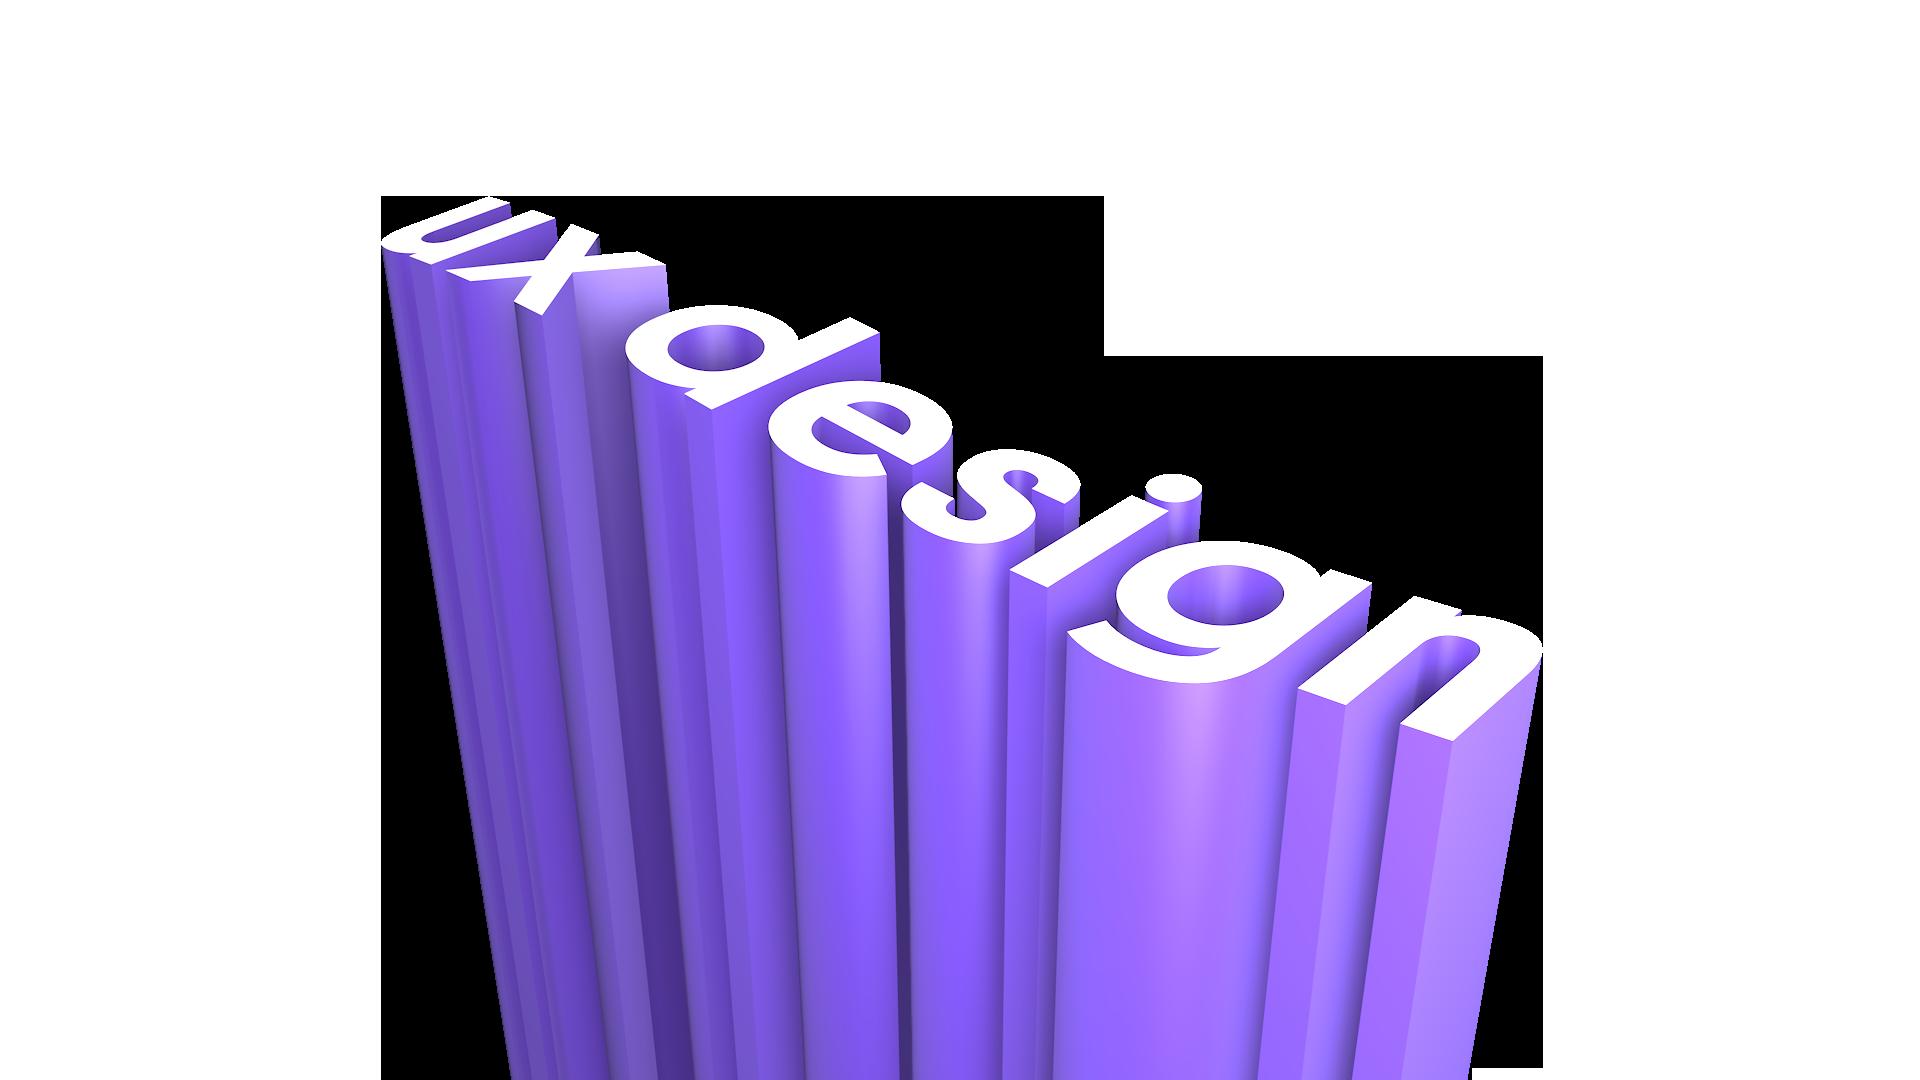 ux-design-bg